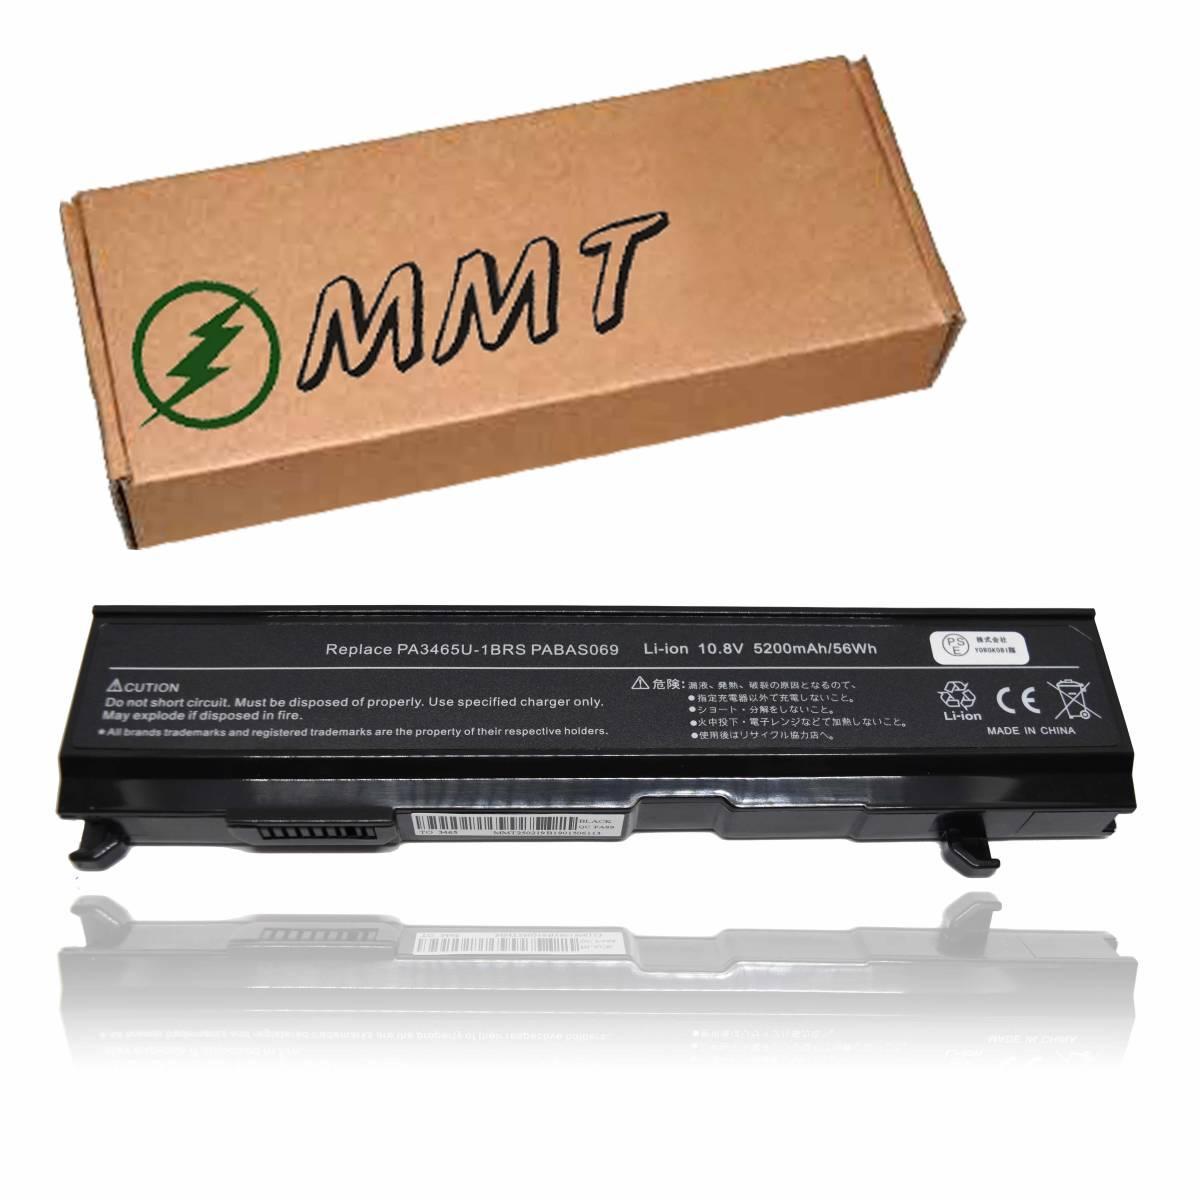 東芝 新品 TOSHIBA PA3465Uー1BRS PA3465Uー1BAS PABAS069 PA3451Uー1BRS PA3457Uー1BRS PABAS067 互換 バッテリー PSE認定済 保険加入済